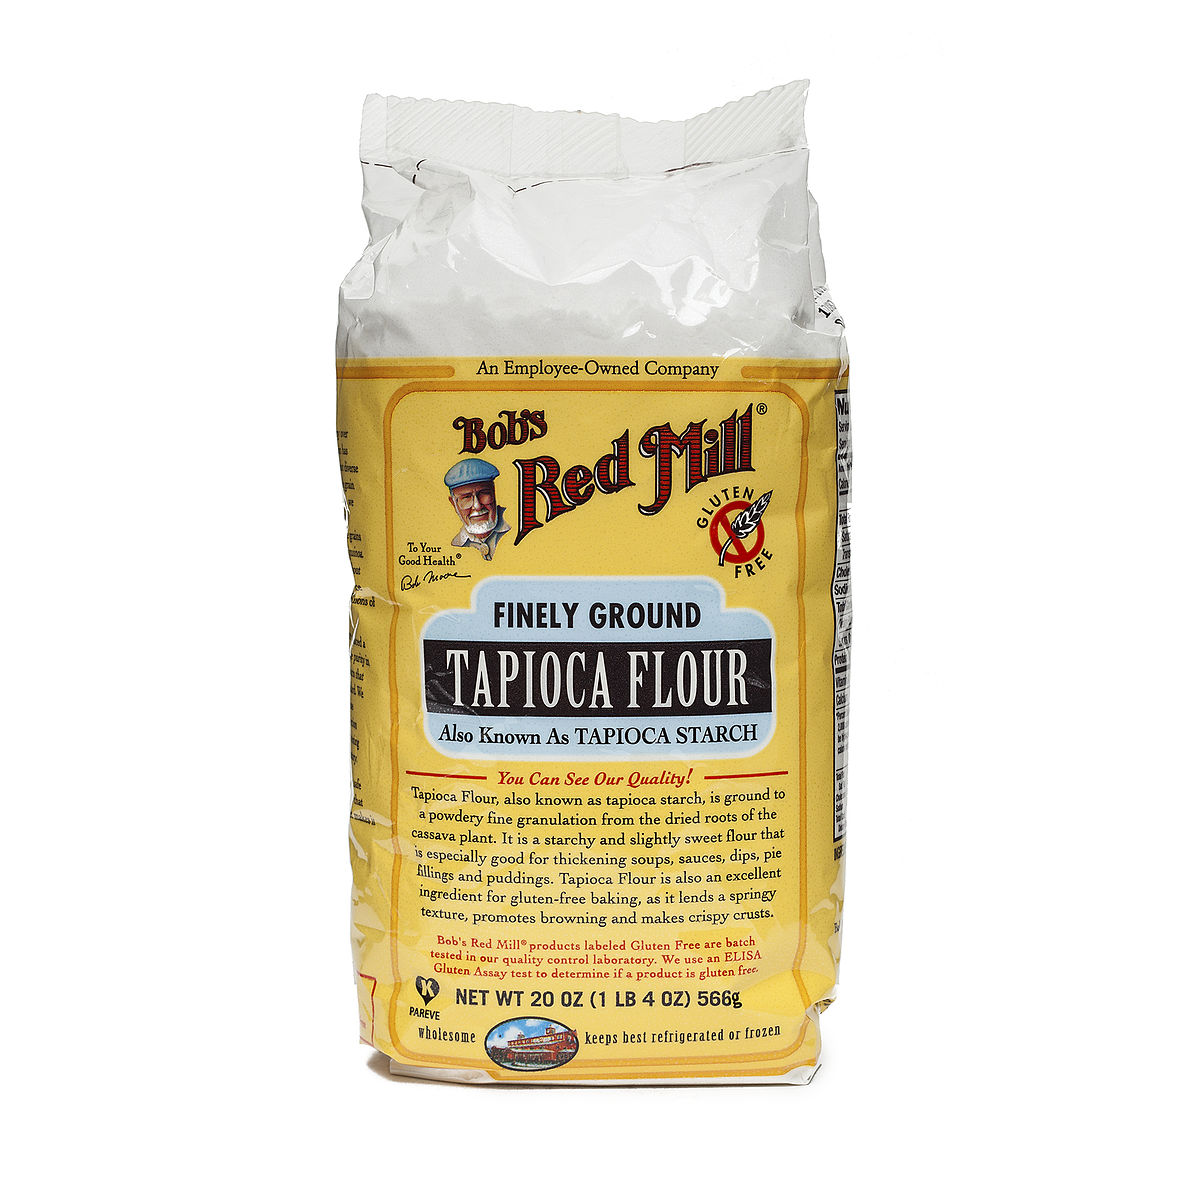 Tapicoa flour